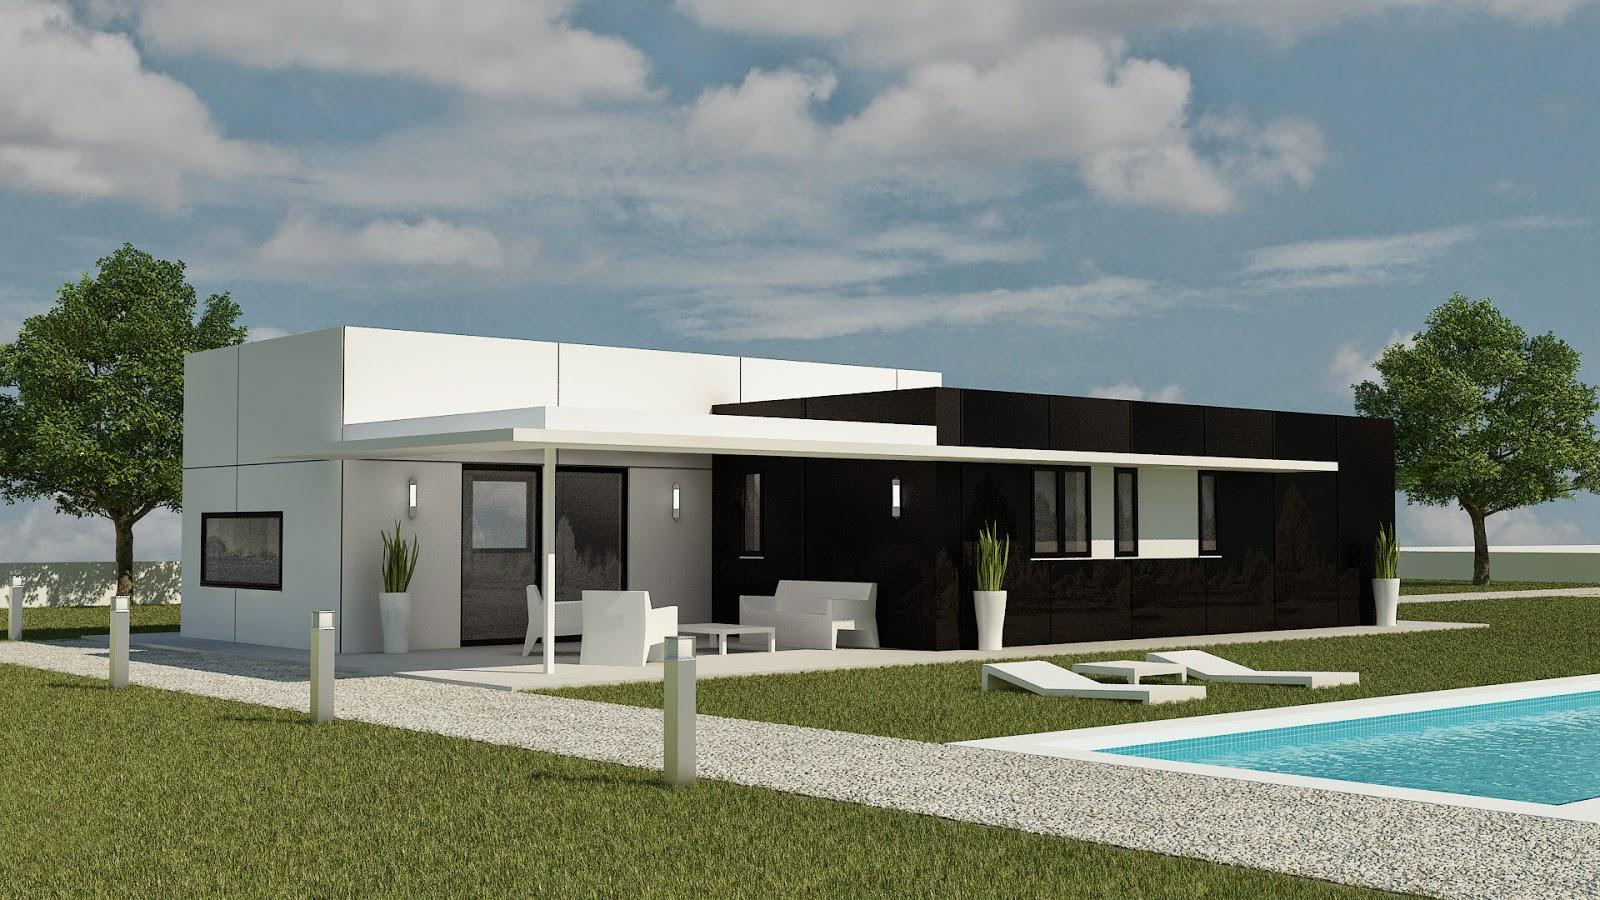 Porches un detalle innovador en nuestras construcciones - Viviendas modulares diseno ...